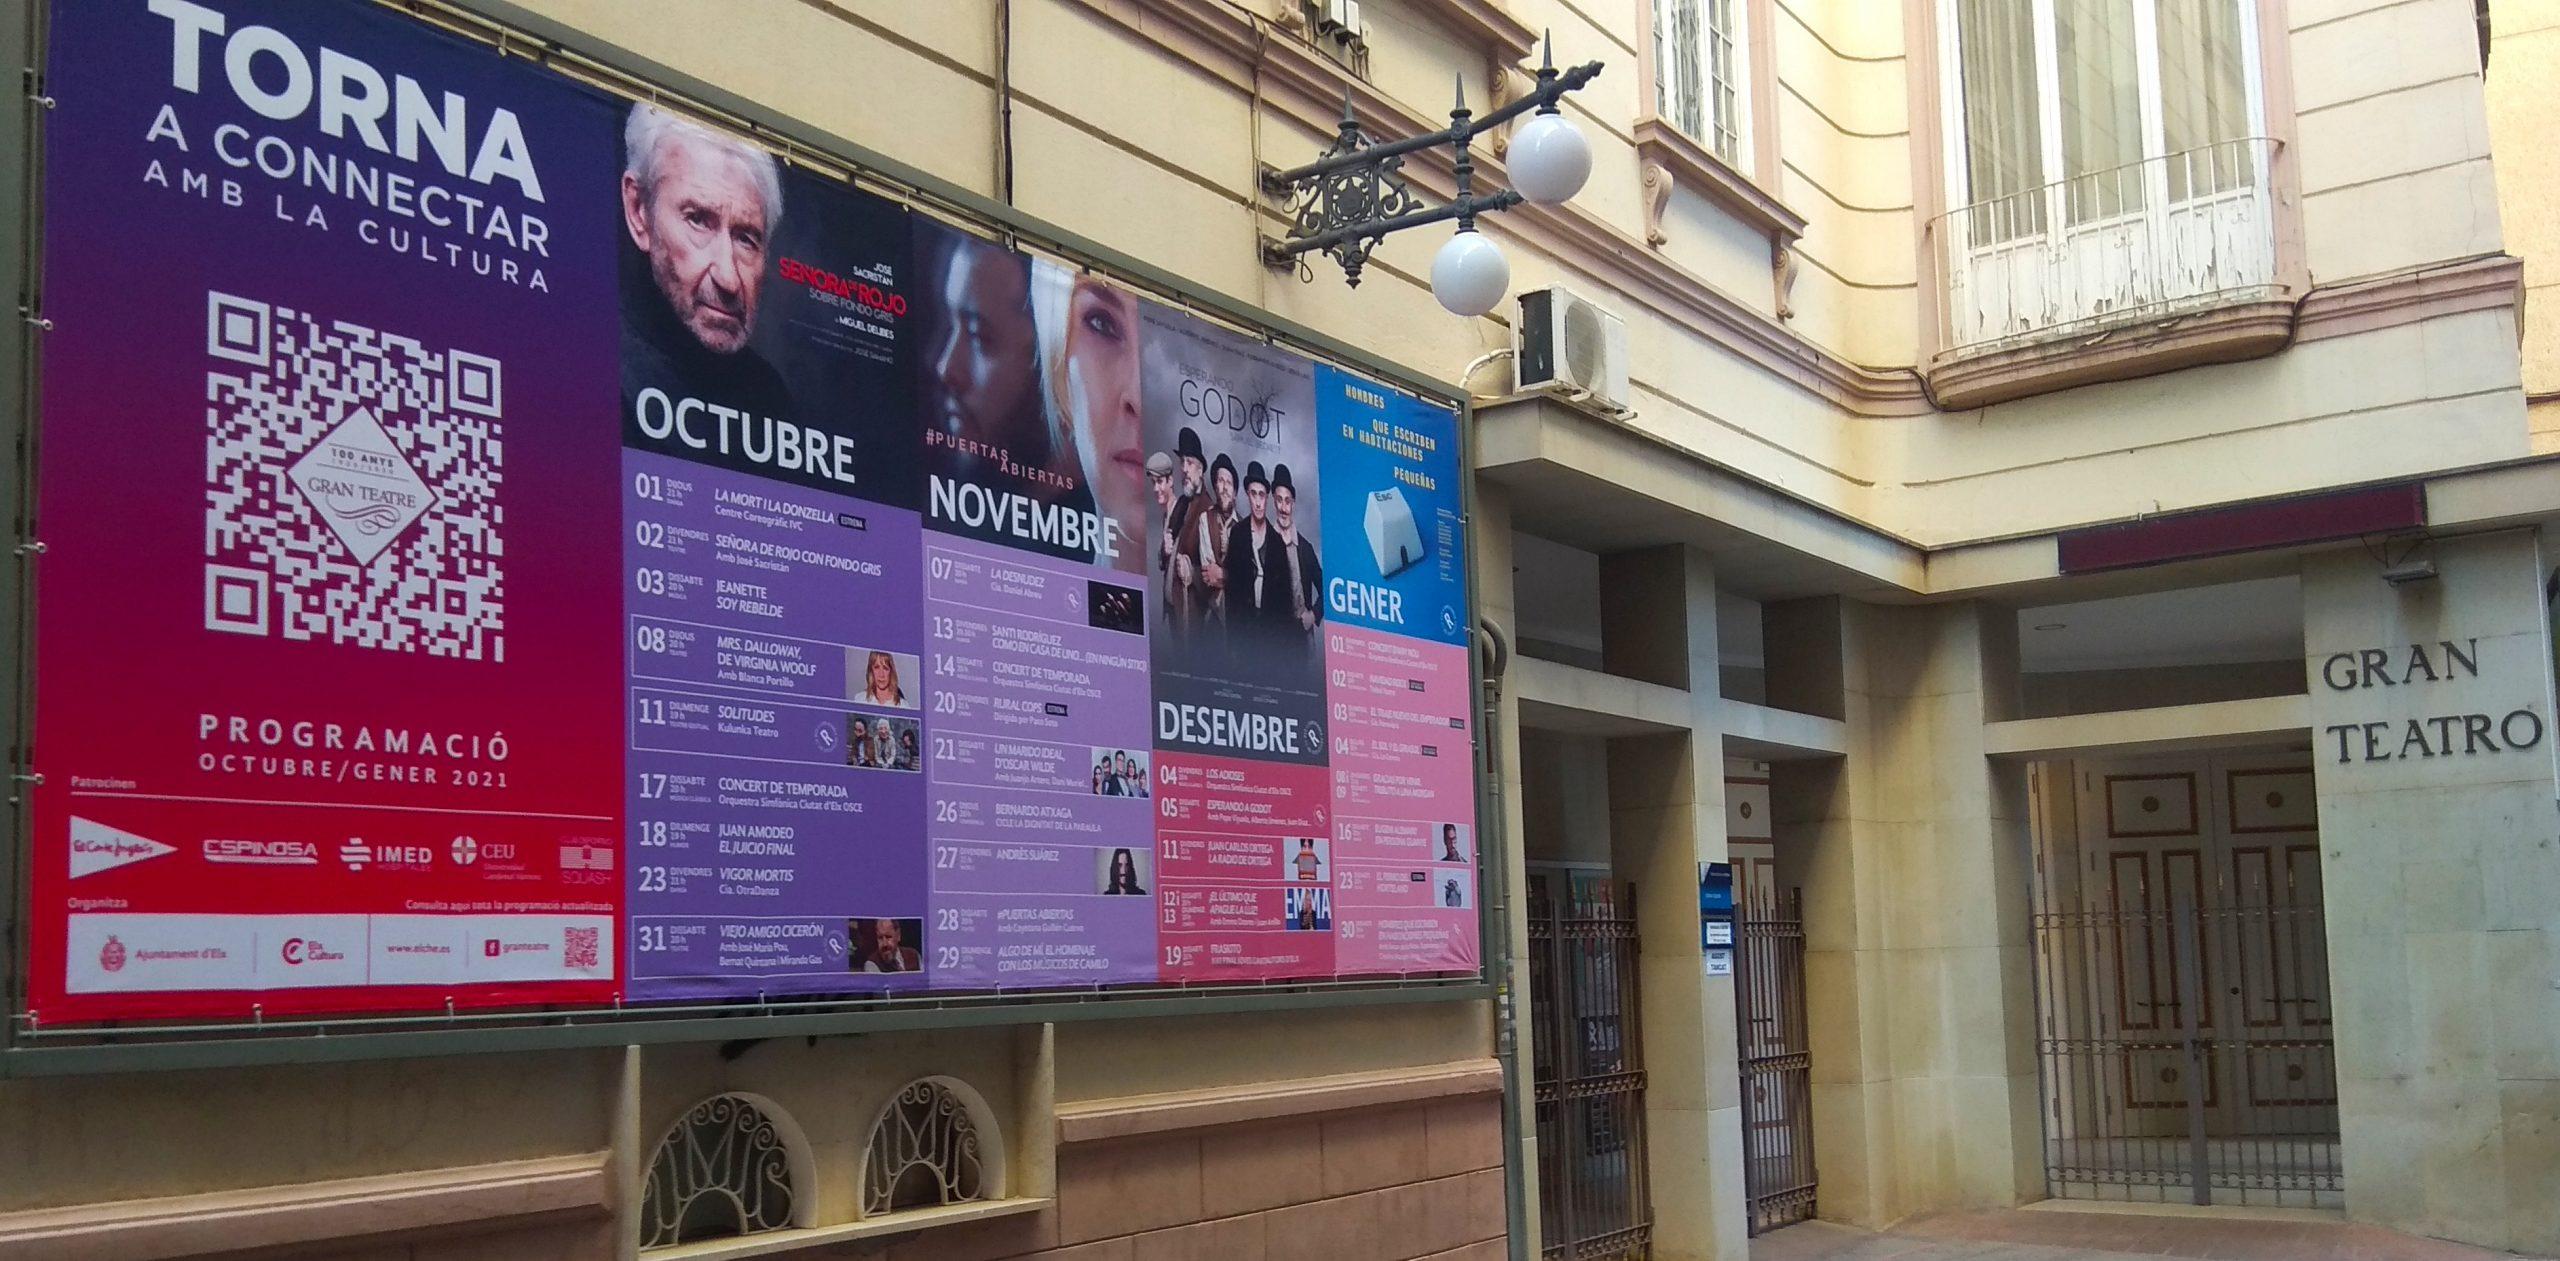 Fachada del Gran Teatro de Elche con la programacion de Octubre de 2020 a Enero 2021